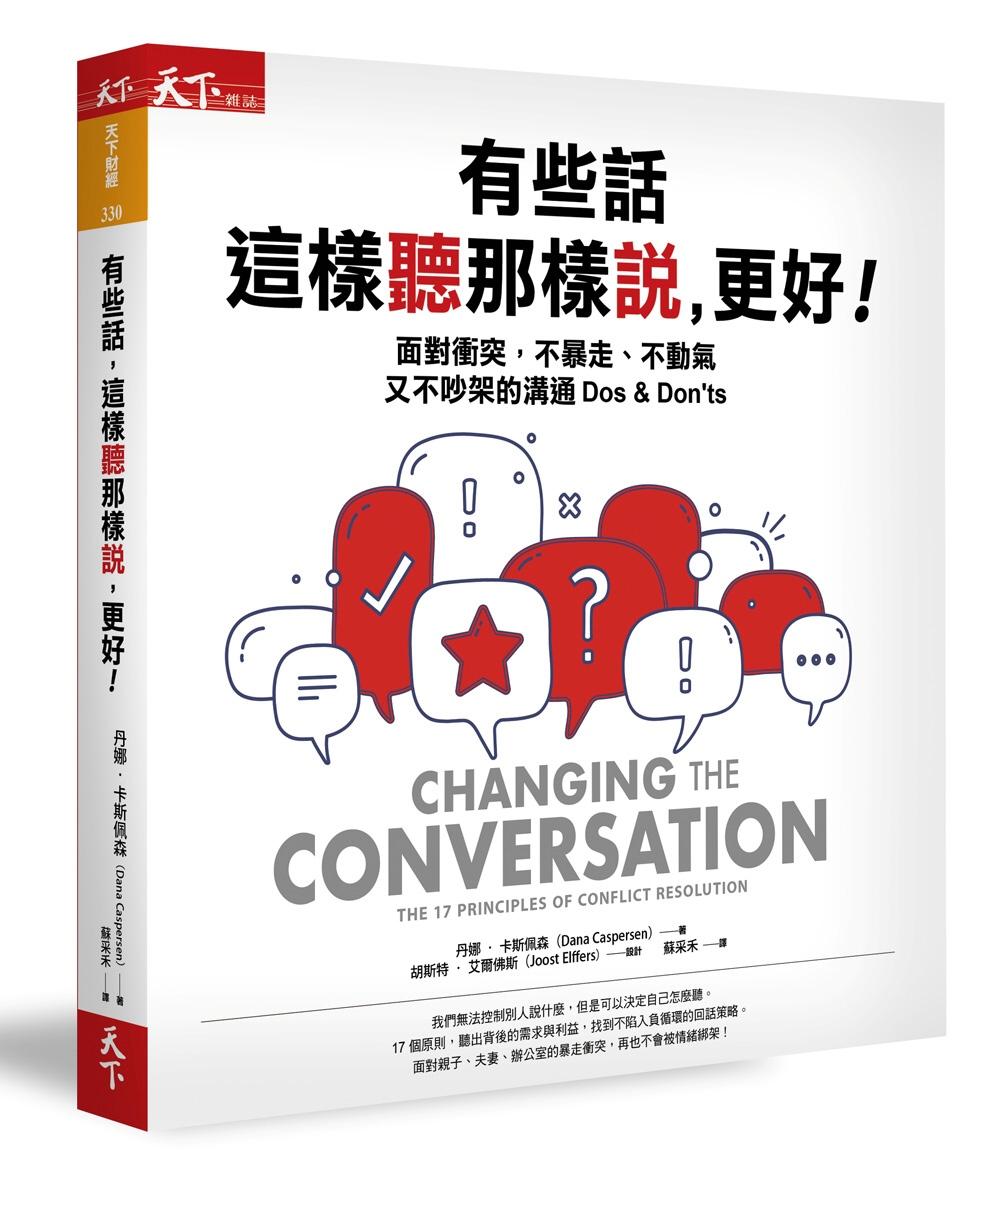 有些話,這樣聽那樣說,更好:面對衝突,不暴走、不動氣又不吵架的溝通 Dos & Don'ts